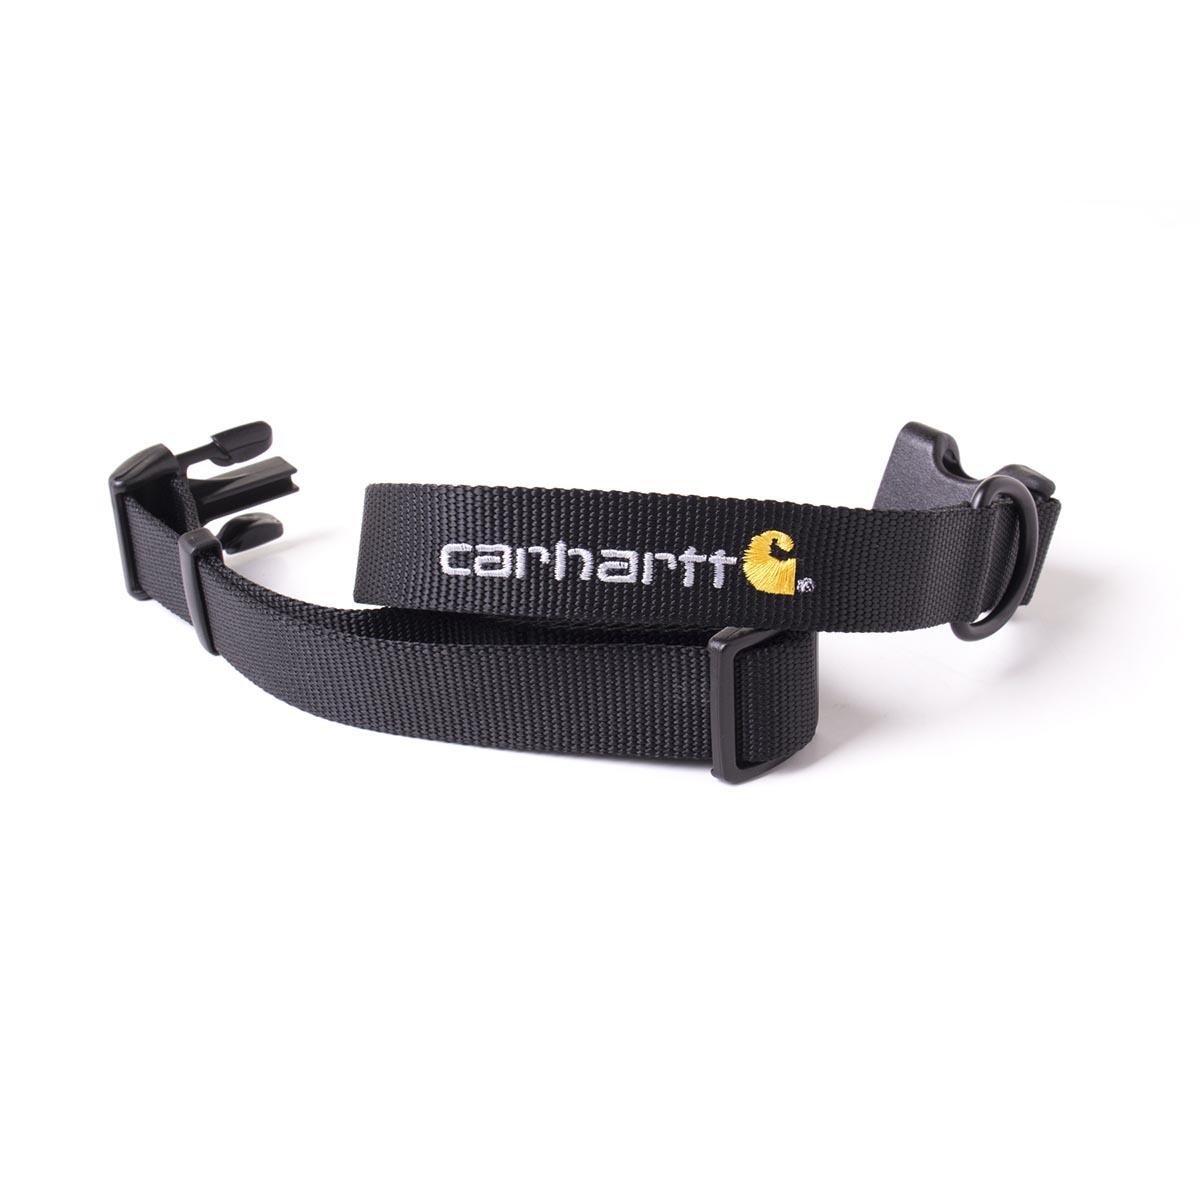 Carhartt 102005